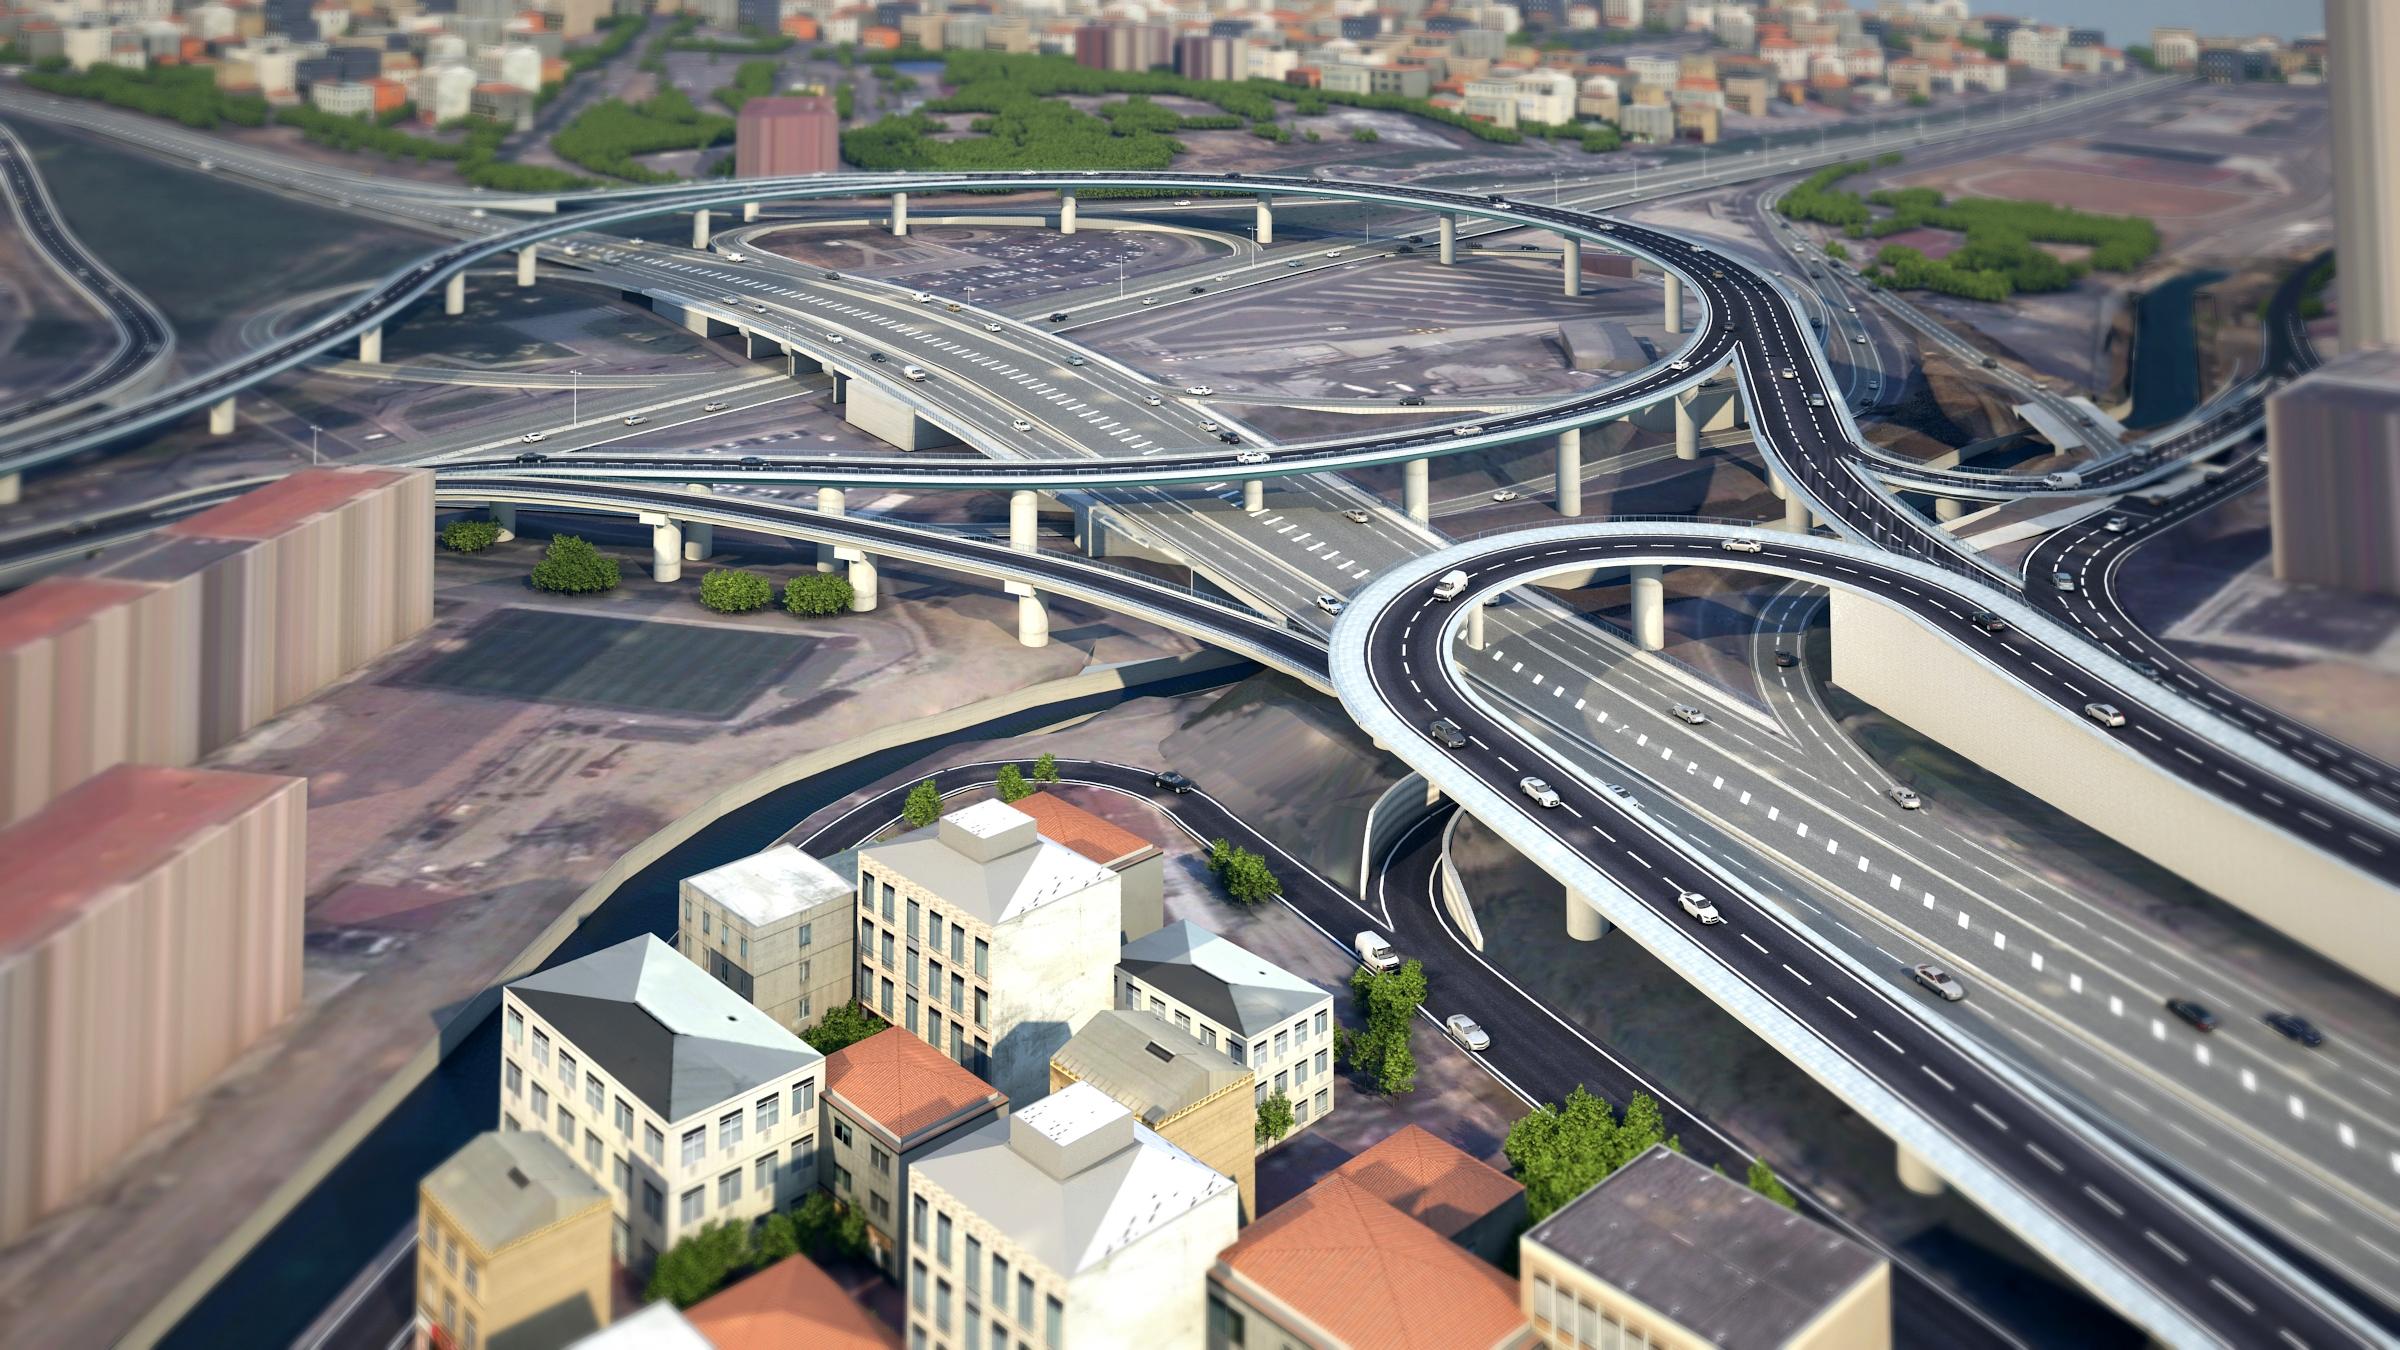 ما هي أجور المرور من الطرق السريعة في إسطنبول؟